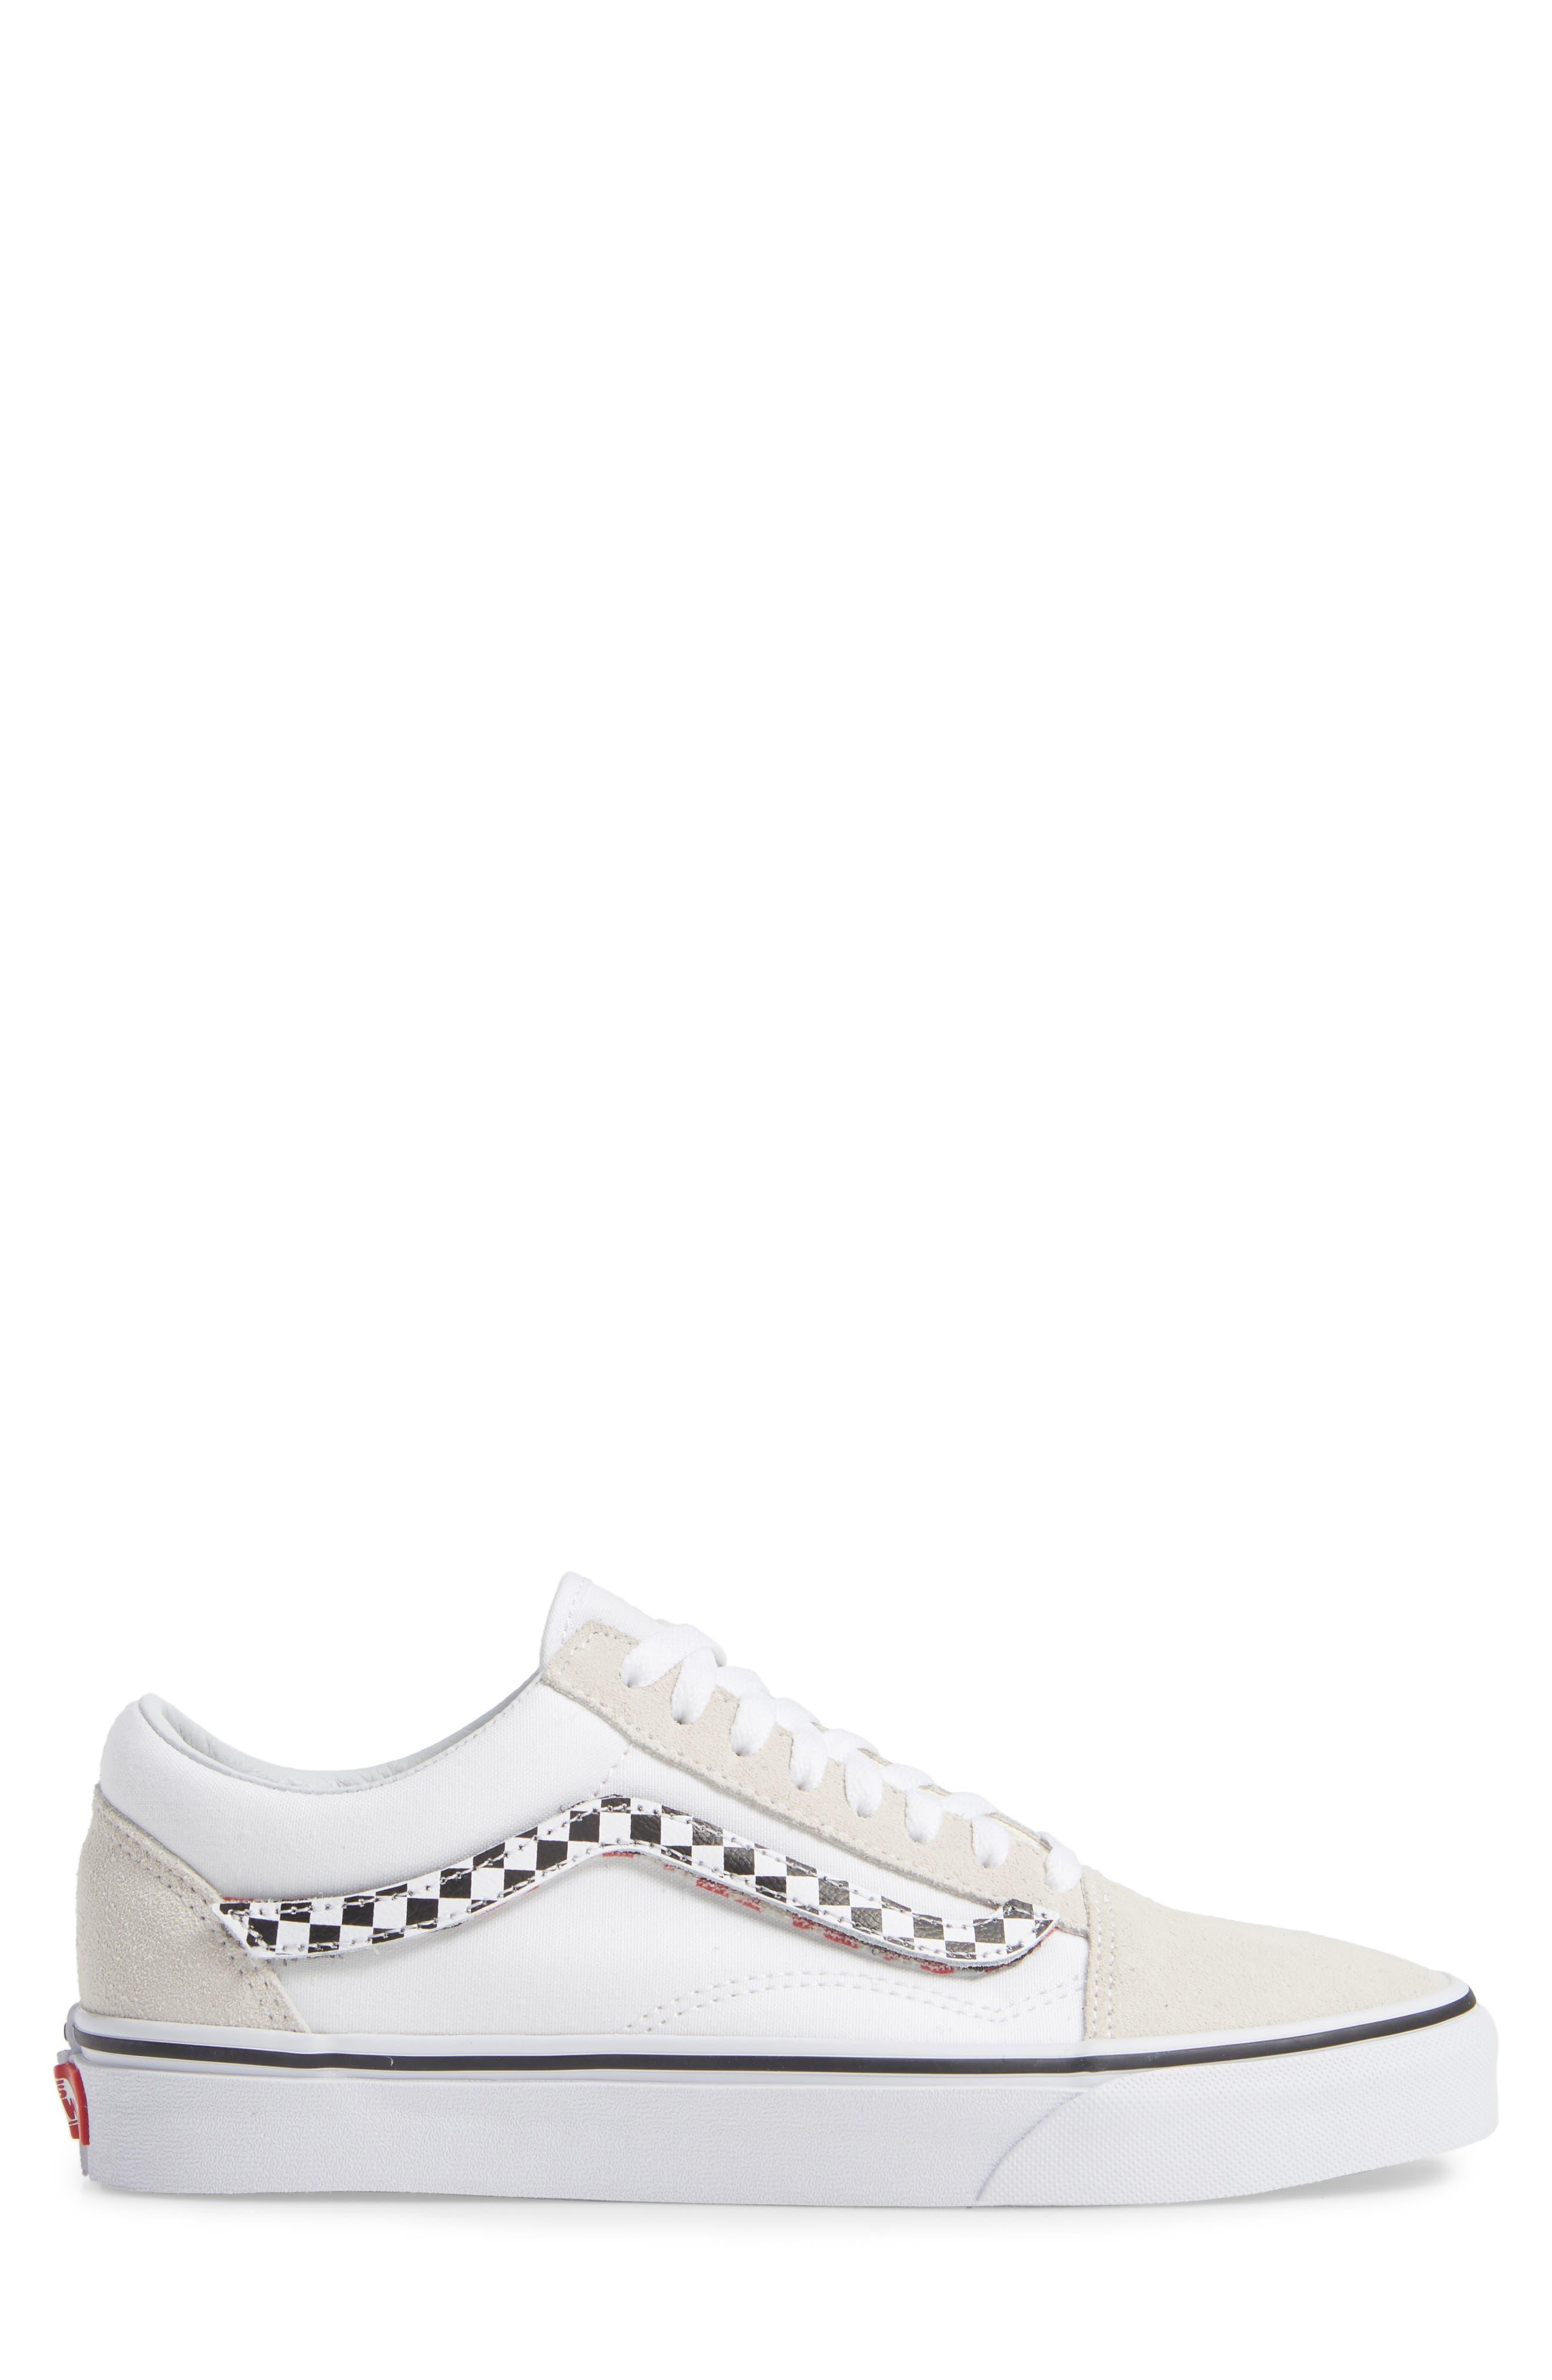 VANS,                             Old Skool Sneaker,                             Alternate thumbnail 3, color,                             TRUE WHITE/ TRUE WHITE